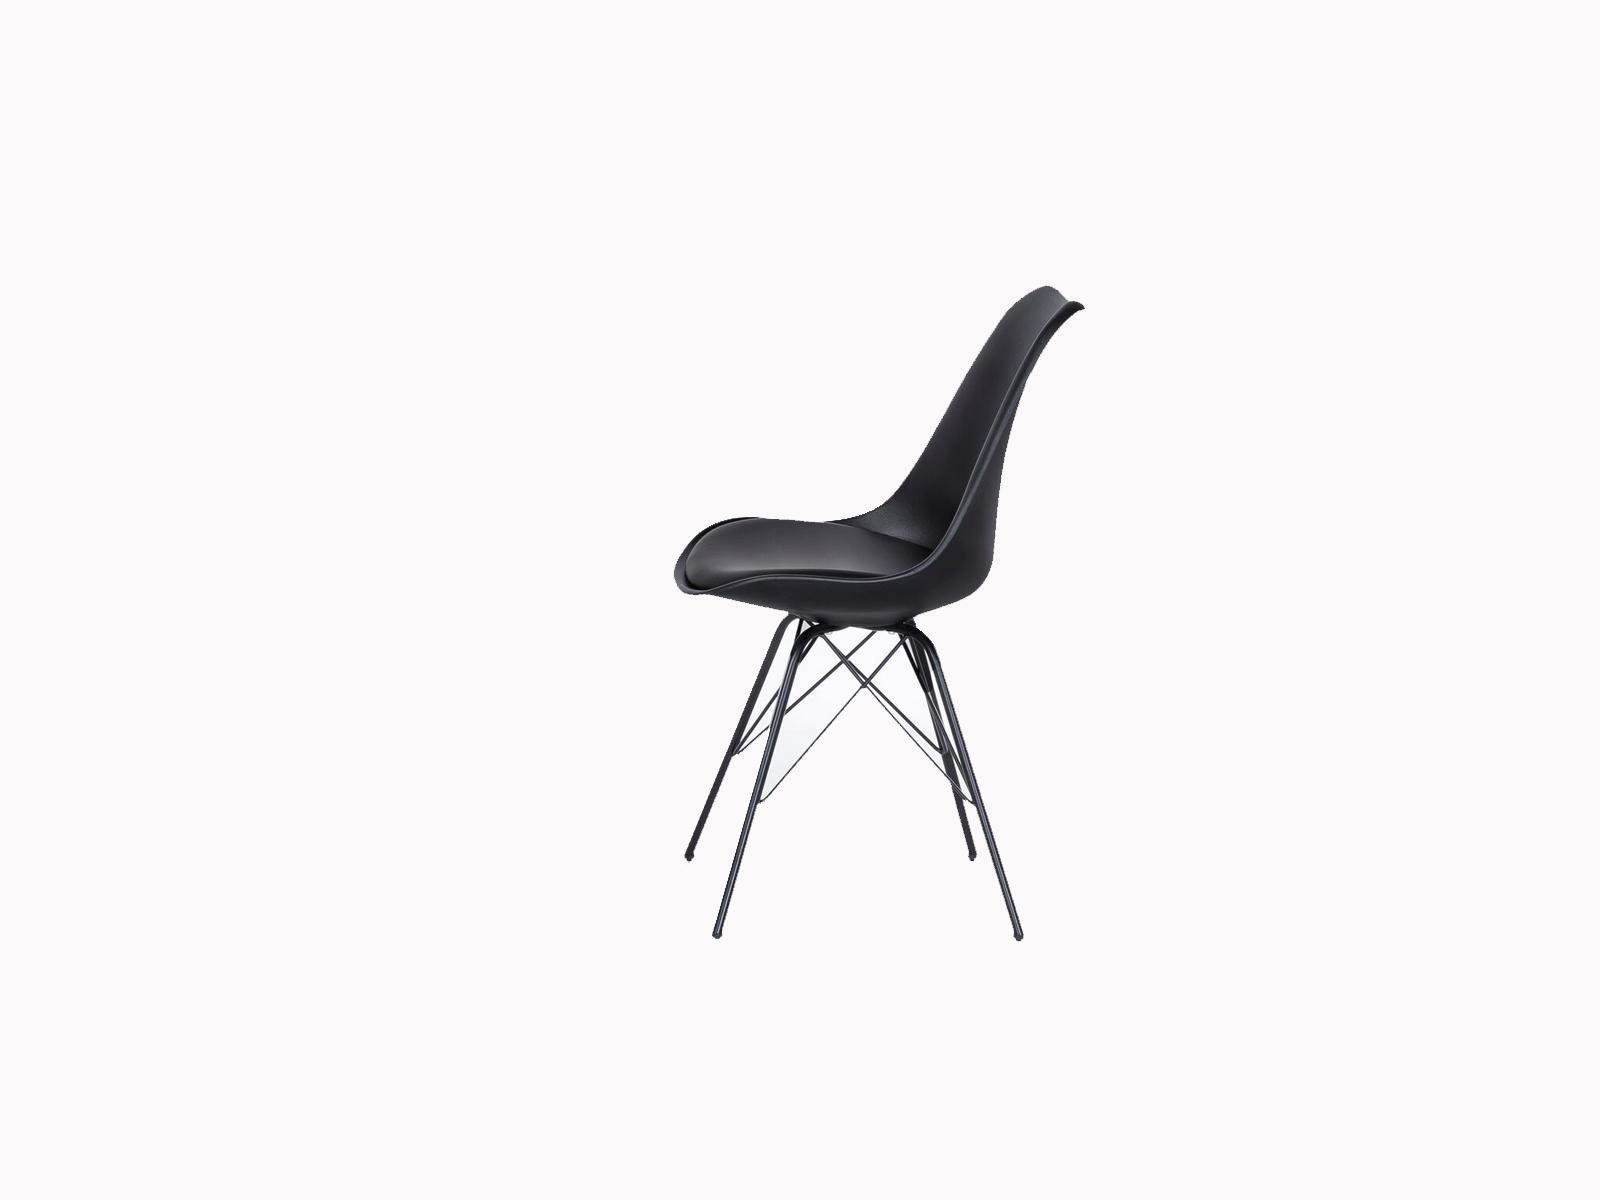 Sam esszimmerstuhl schalenstuhl in schwarz mit for Schalenstuhl schwarz